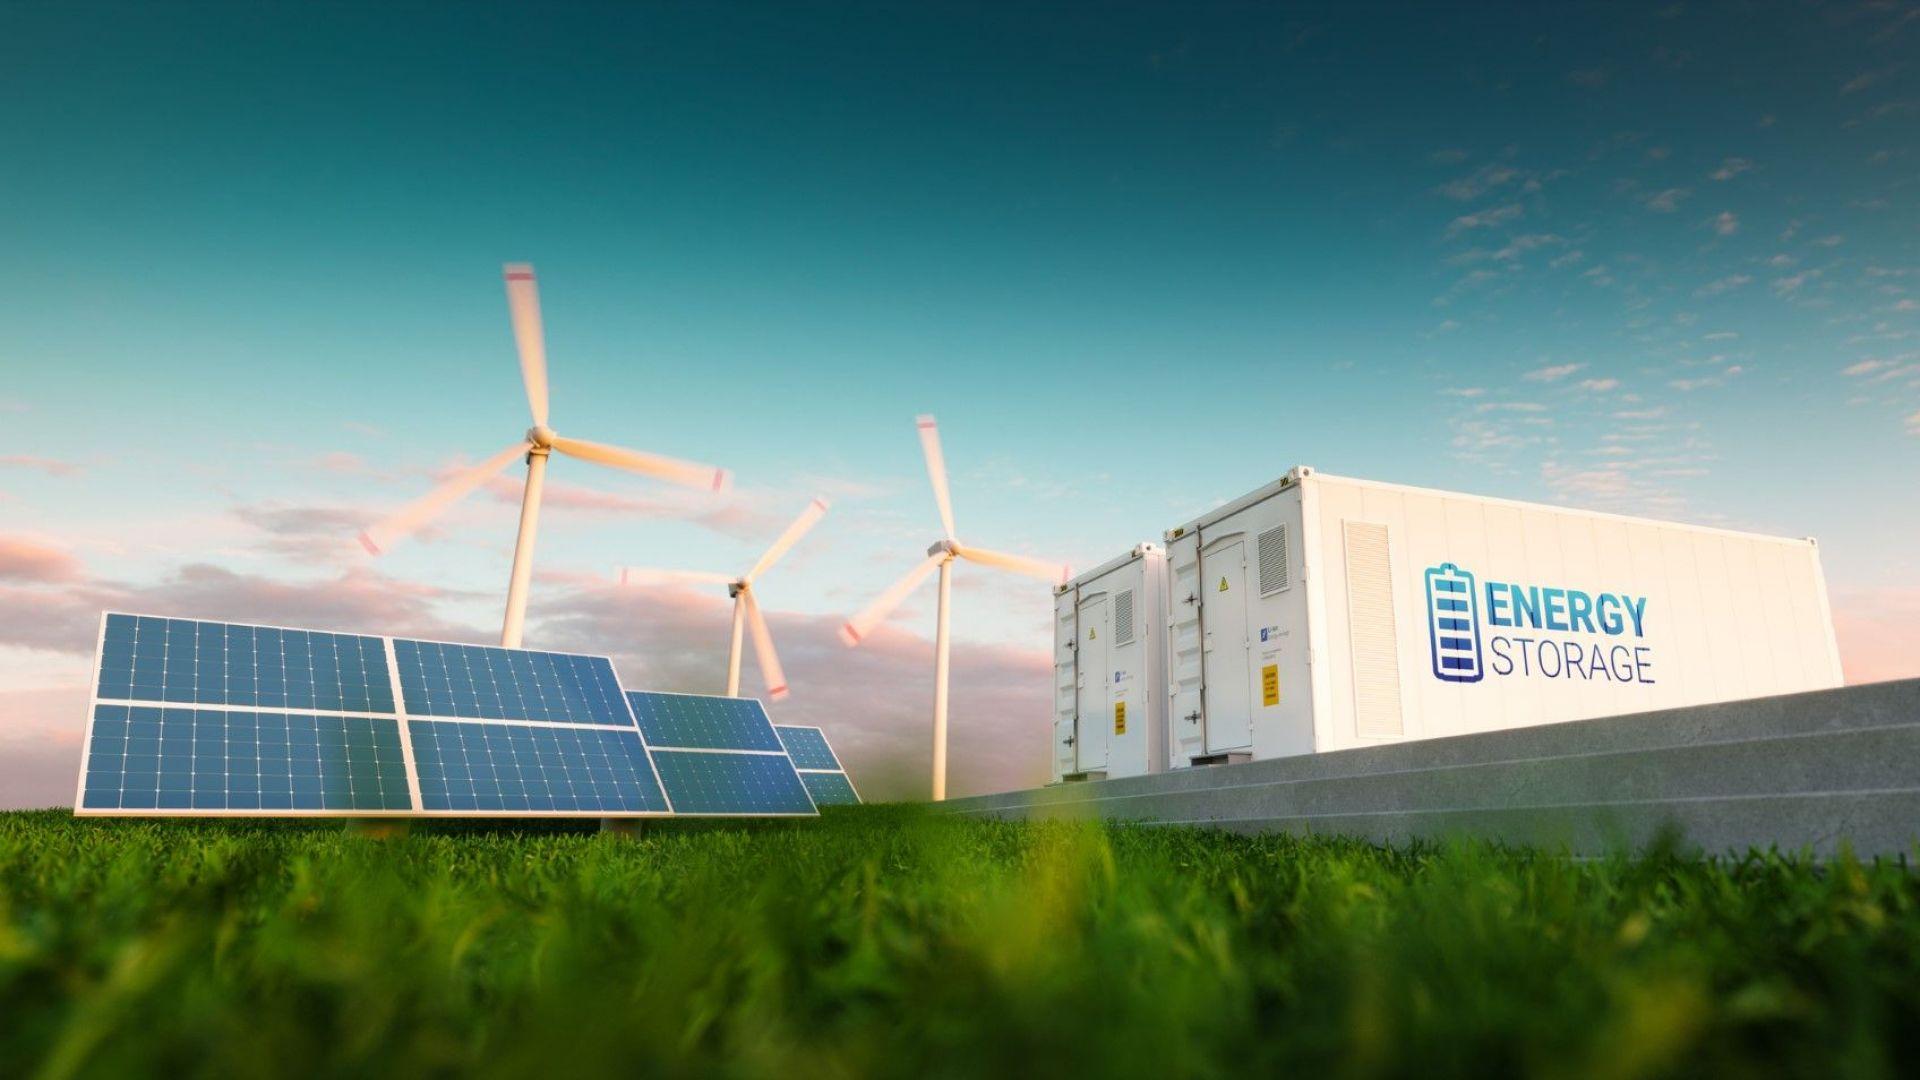 Батерии за зеления ток в България? Бизнесът ще ги направи, иска среда за инвестиции